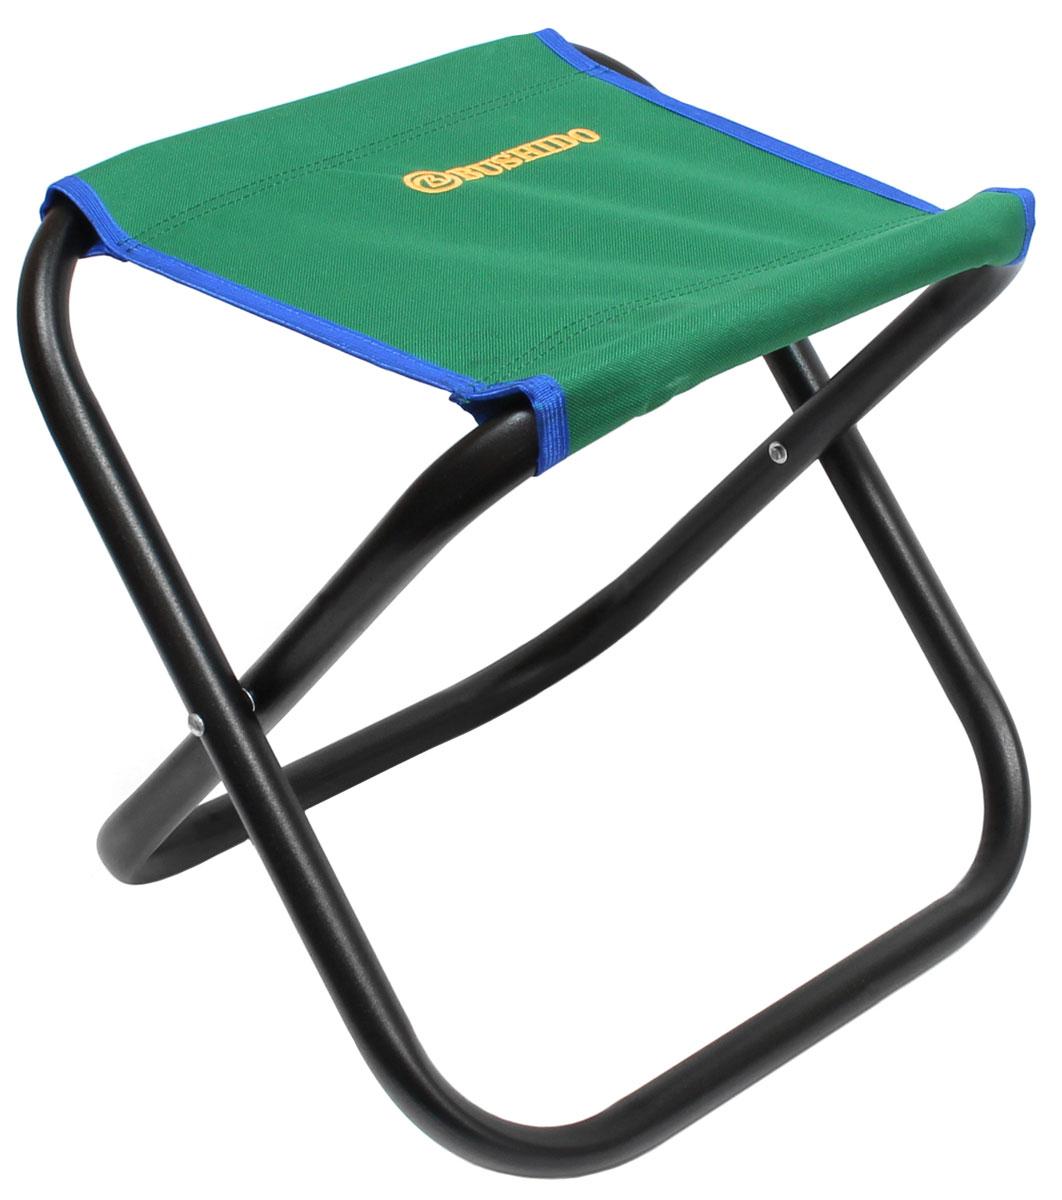 Стул складной Bushido, цвет: зеленый, 35 х 28 х 33 см09840-20.000.00Складной стул без спинки. Размер: 350 х 280 х 330 мм. Диаметр трубы - 22 мм. Максимальная нагрузка 100 кг. Предназначен для отдыха на природе, пикника или рыбалки.